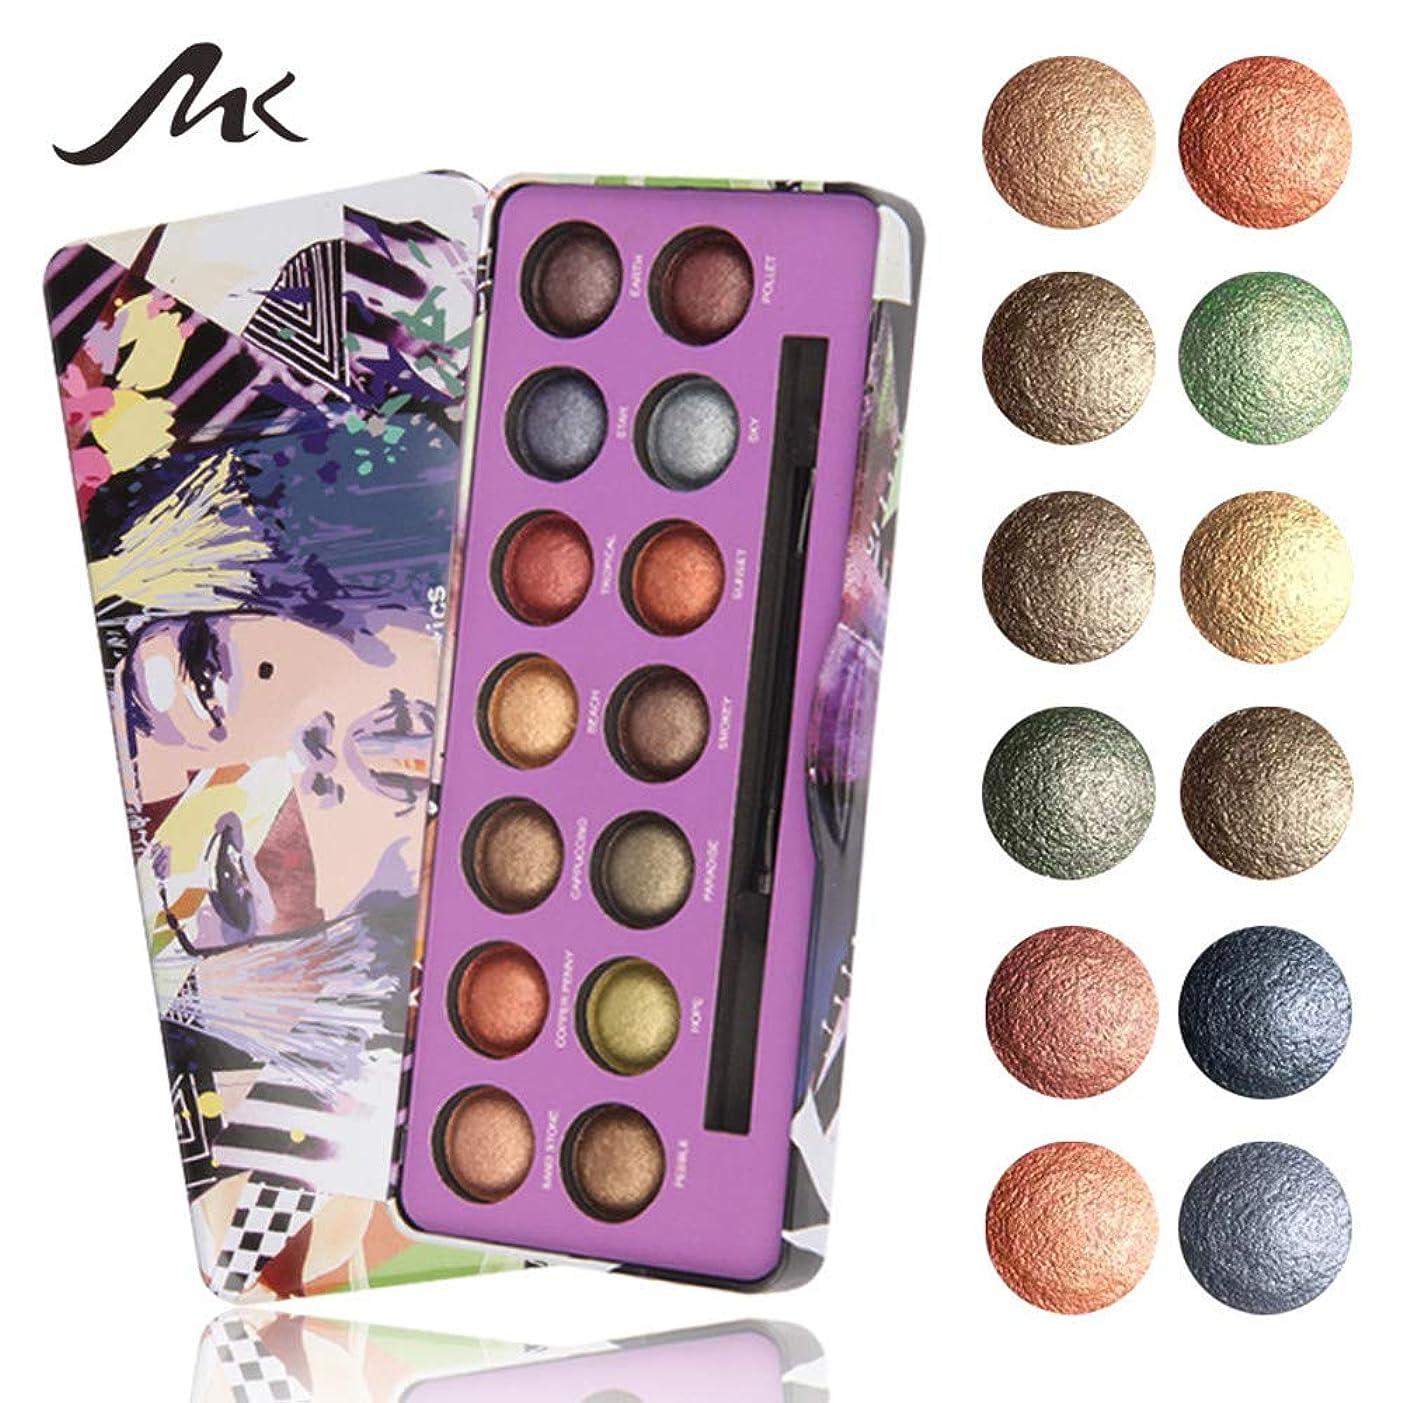 ランク明らかベギンAkane アイシャドウパレット MK 綺麗 人気 気質的 真珠光沢 チャーム 魅力的 マット つや消し 長持ち ファッション 防水 おしゃれ 持ち便利 Eye Shadow (14色) 8293